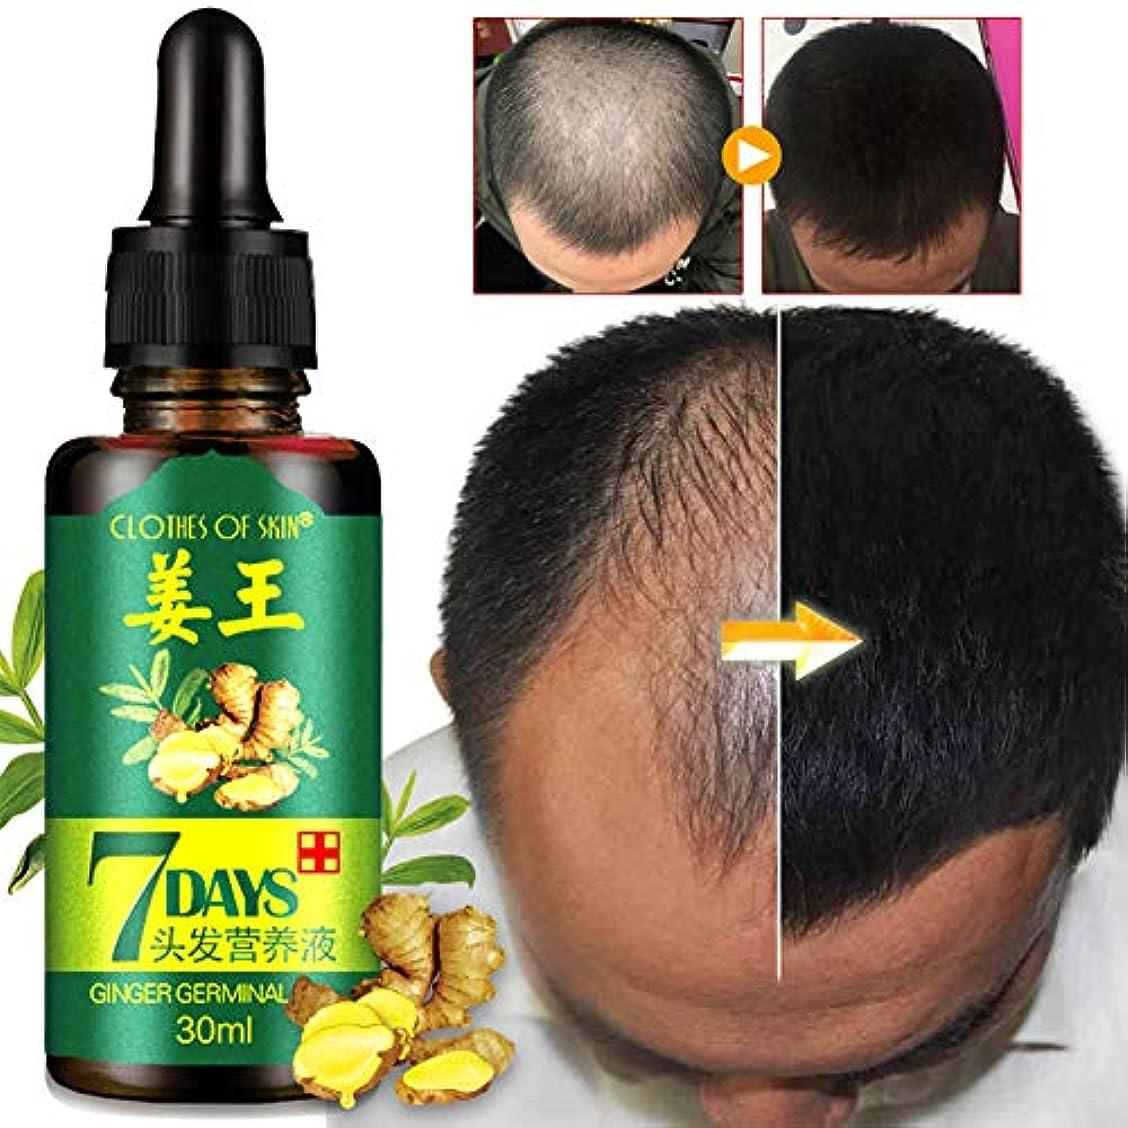 プレミア教える富Balai 男性と女性のためのより健康的な髪のヘアケアのための脱毛治療 生inger毛成長血清 30ml